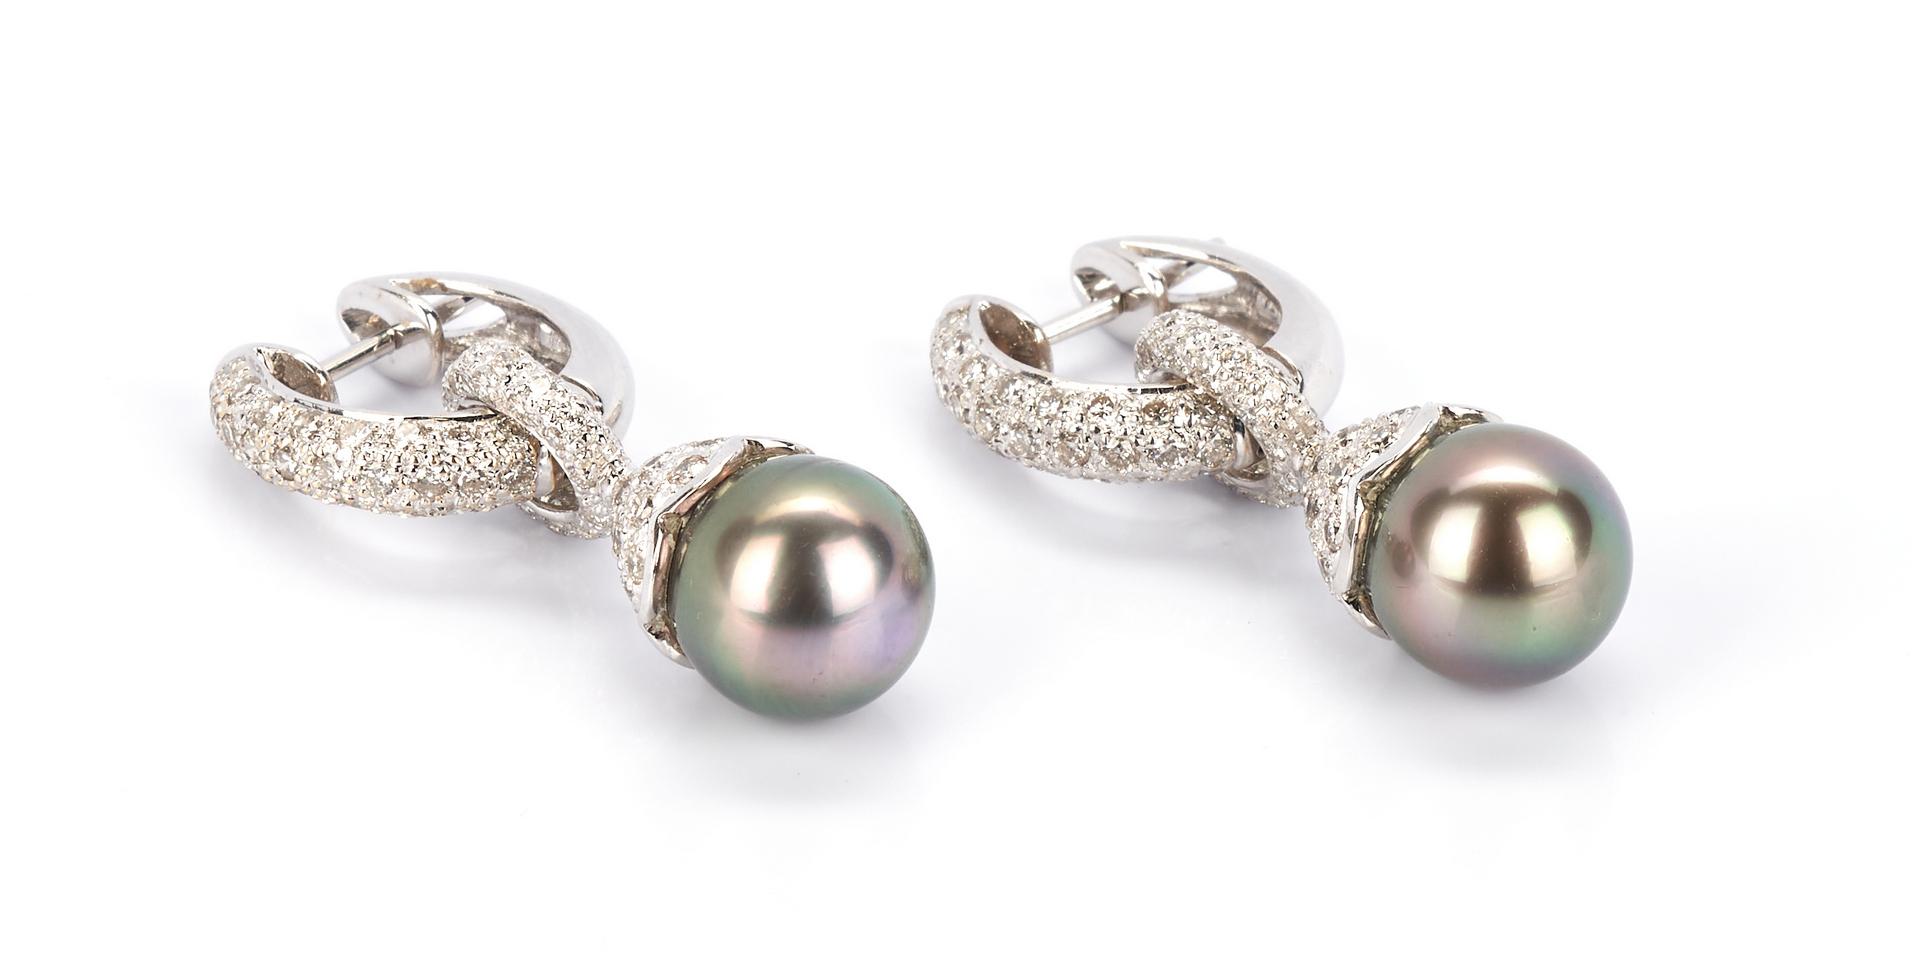 Lot 728: Ladies 18K Diamond Pave Hoop Earrings